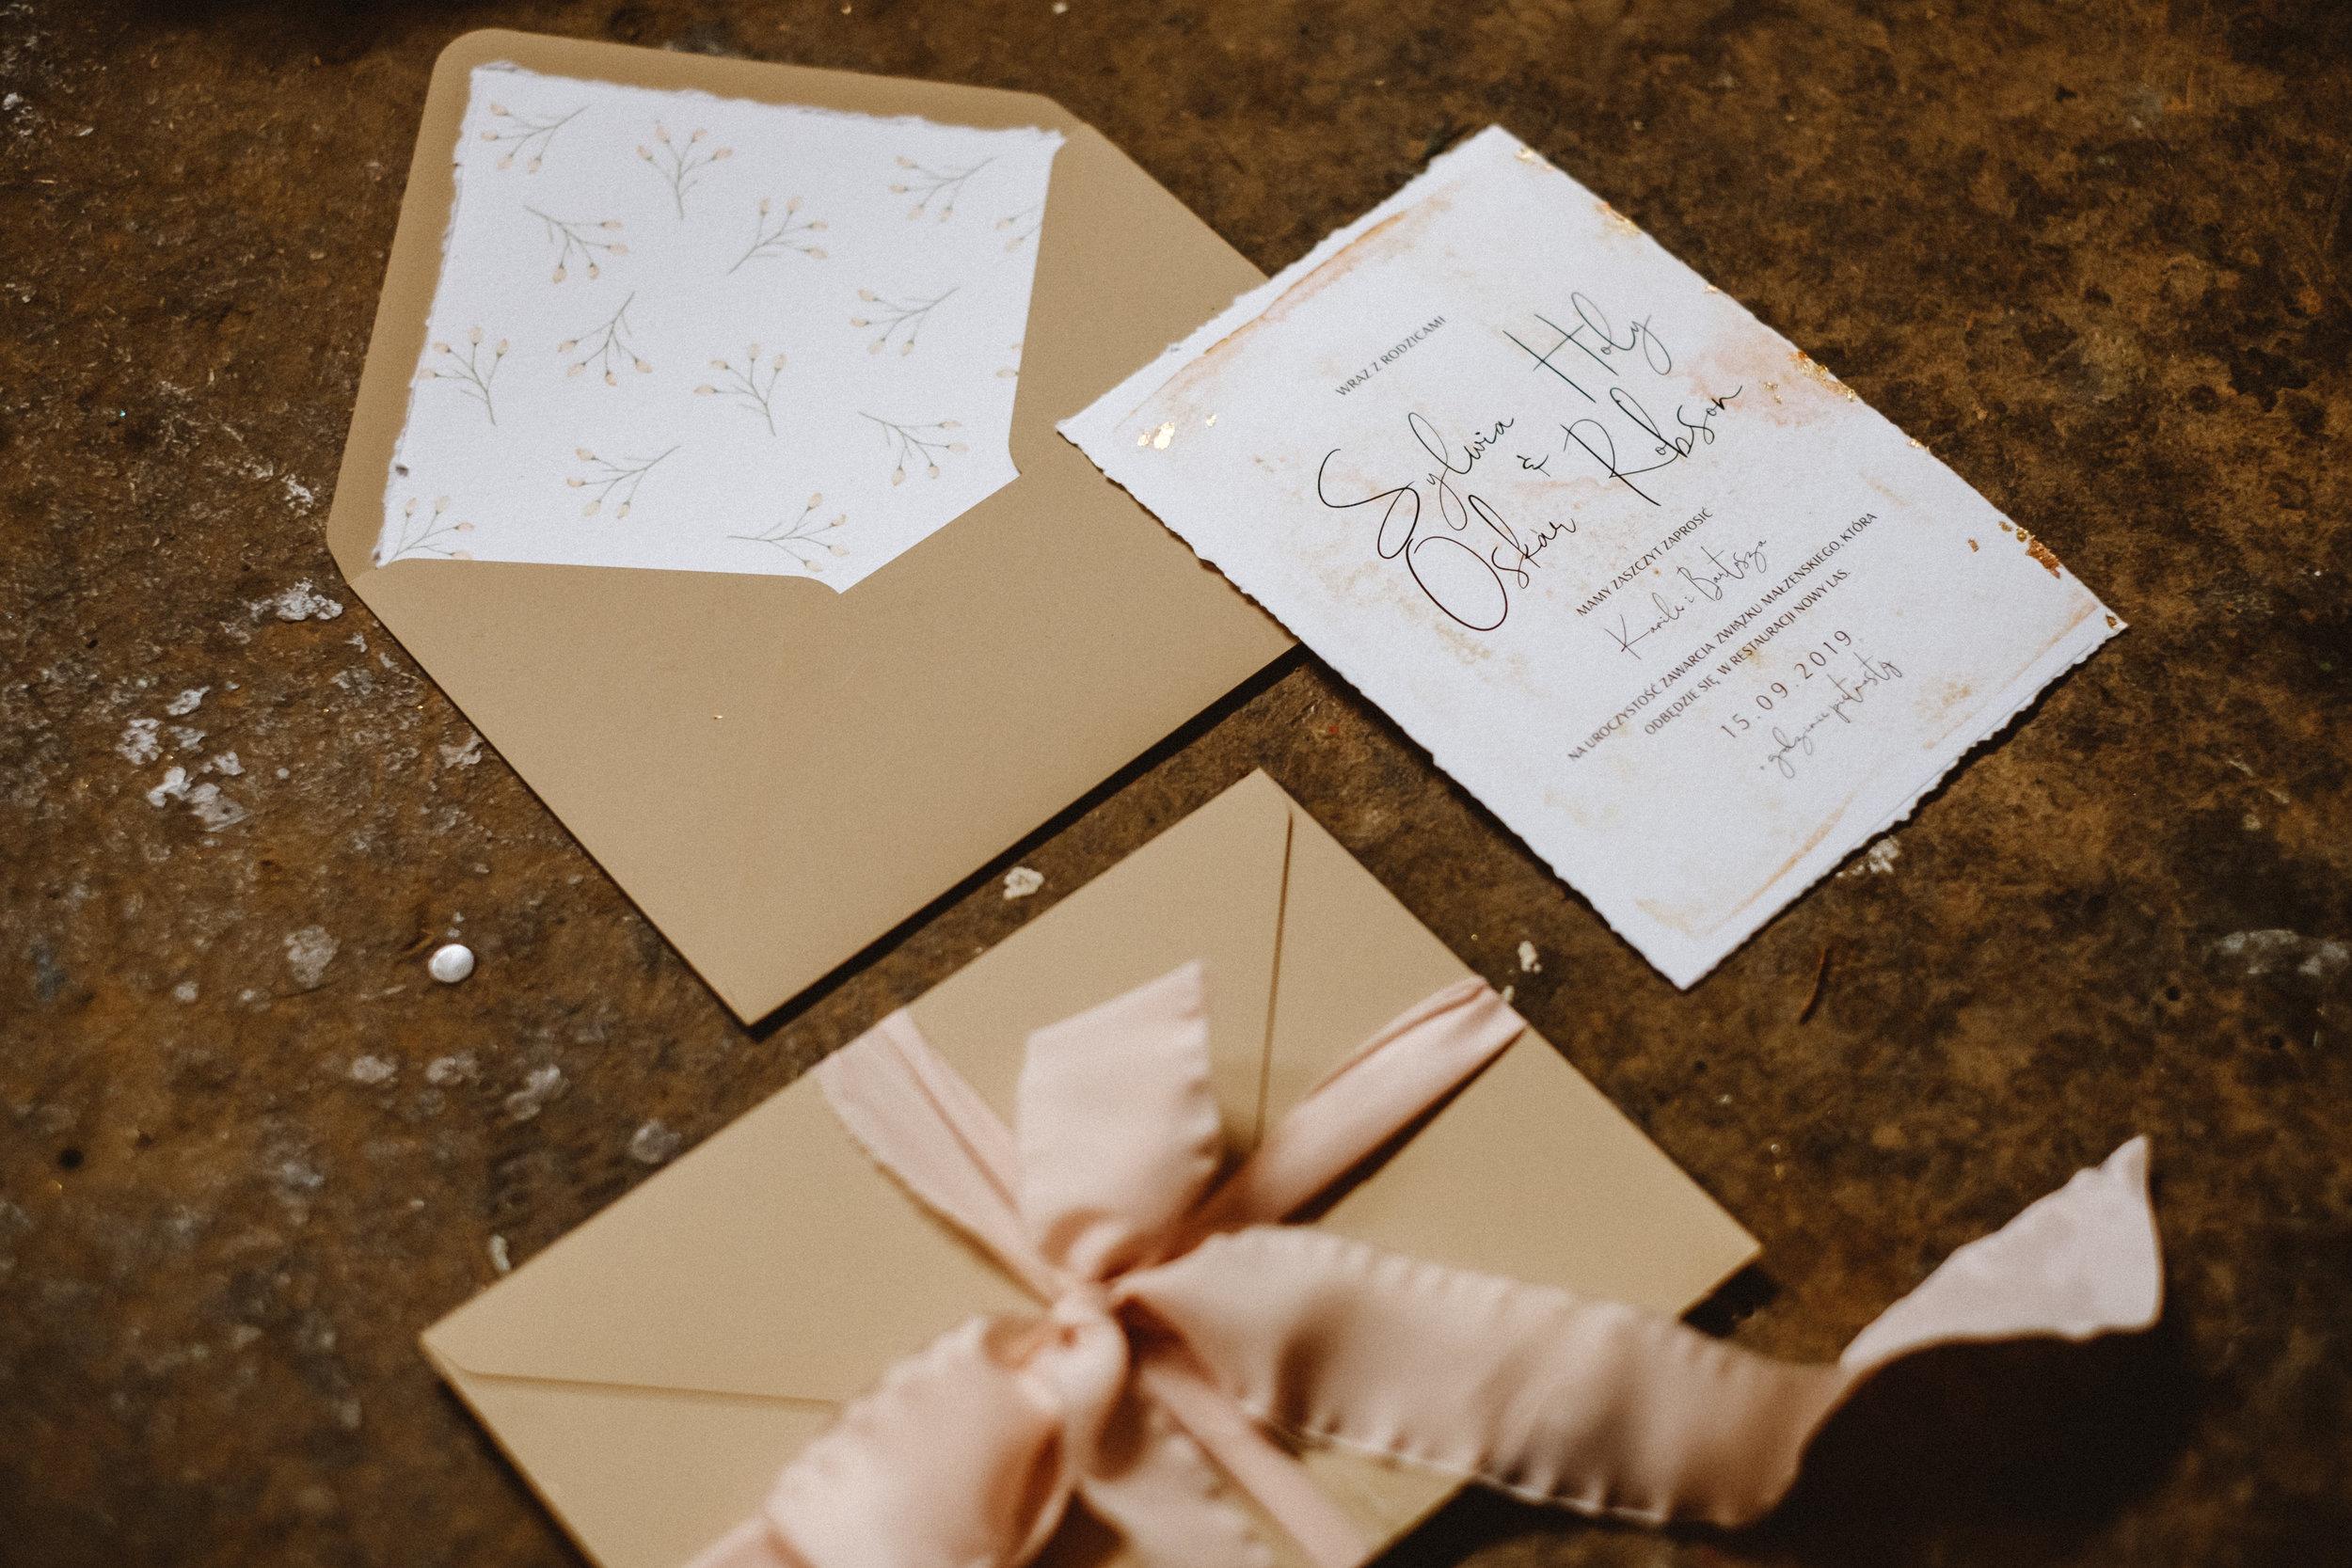 nowoczesne-zaproszenia-slubne_nietypowe_beżowe_miedziane_pudrowy-roz_różowe_eleganckie_złota-folia_papier-czerpany_co-nieco-papieru2.jpg